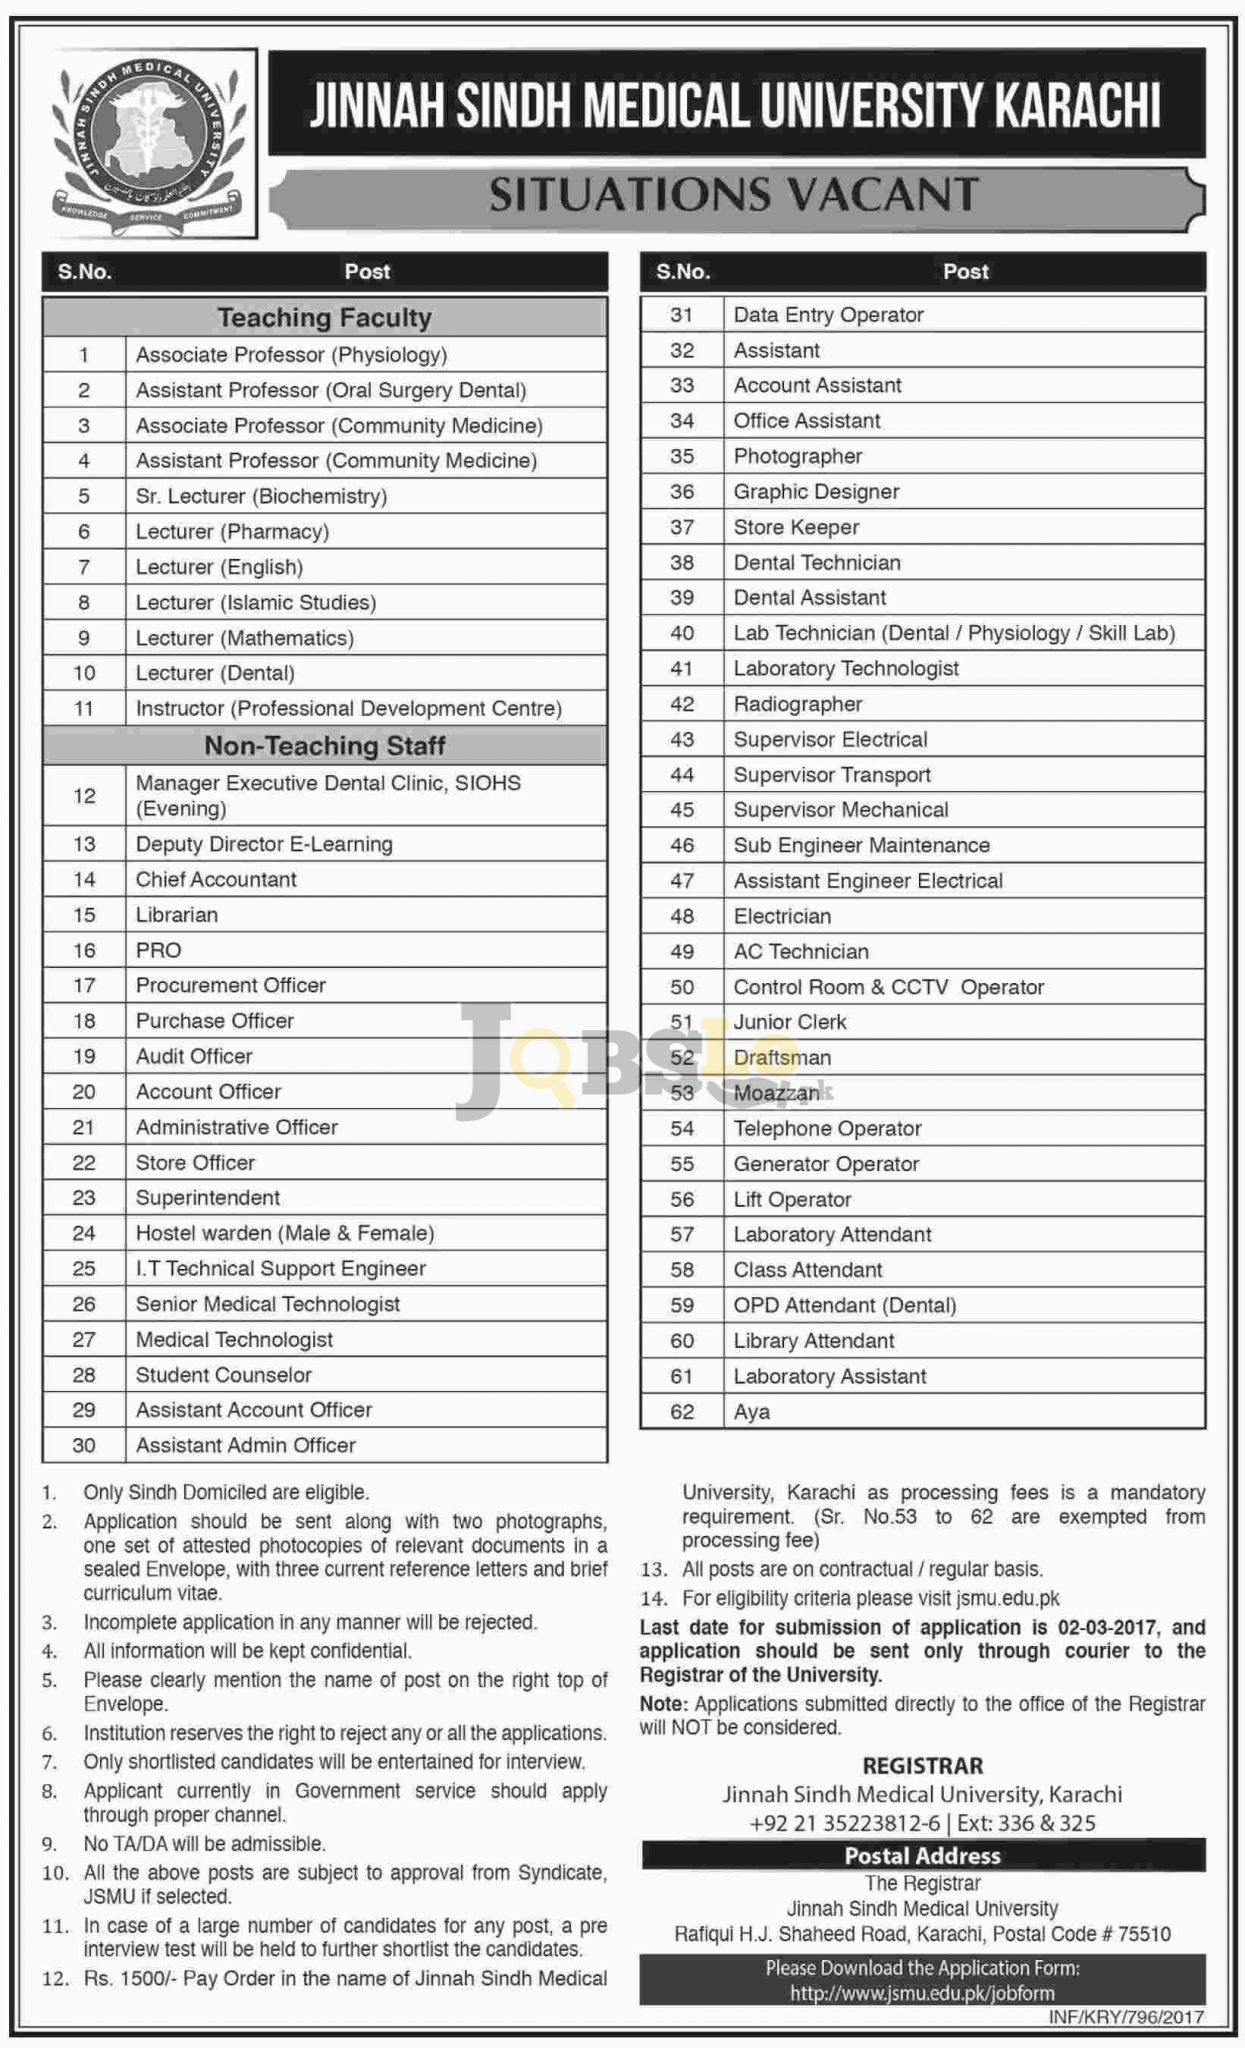 JSMU Karachi Jobs 2017 Current Employment Opportunities Advertisement